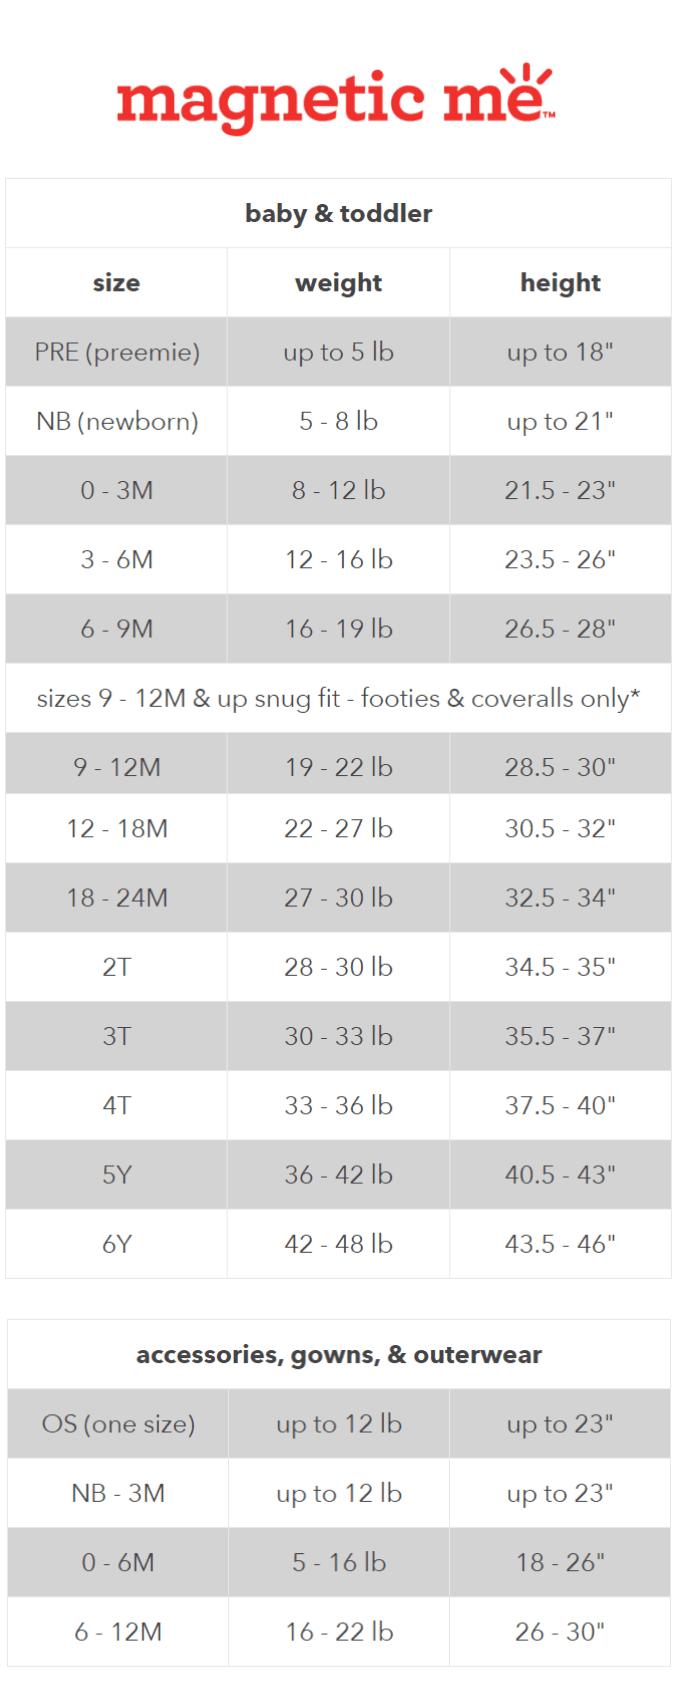 Magnetic Me PeekaBoo Baby Size Charts